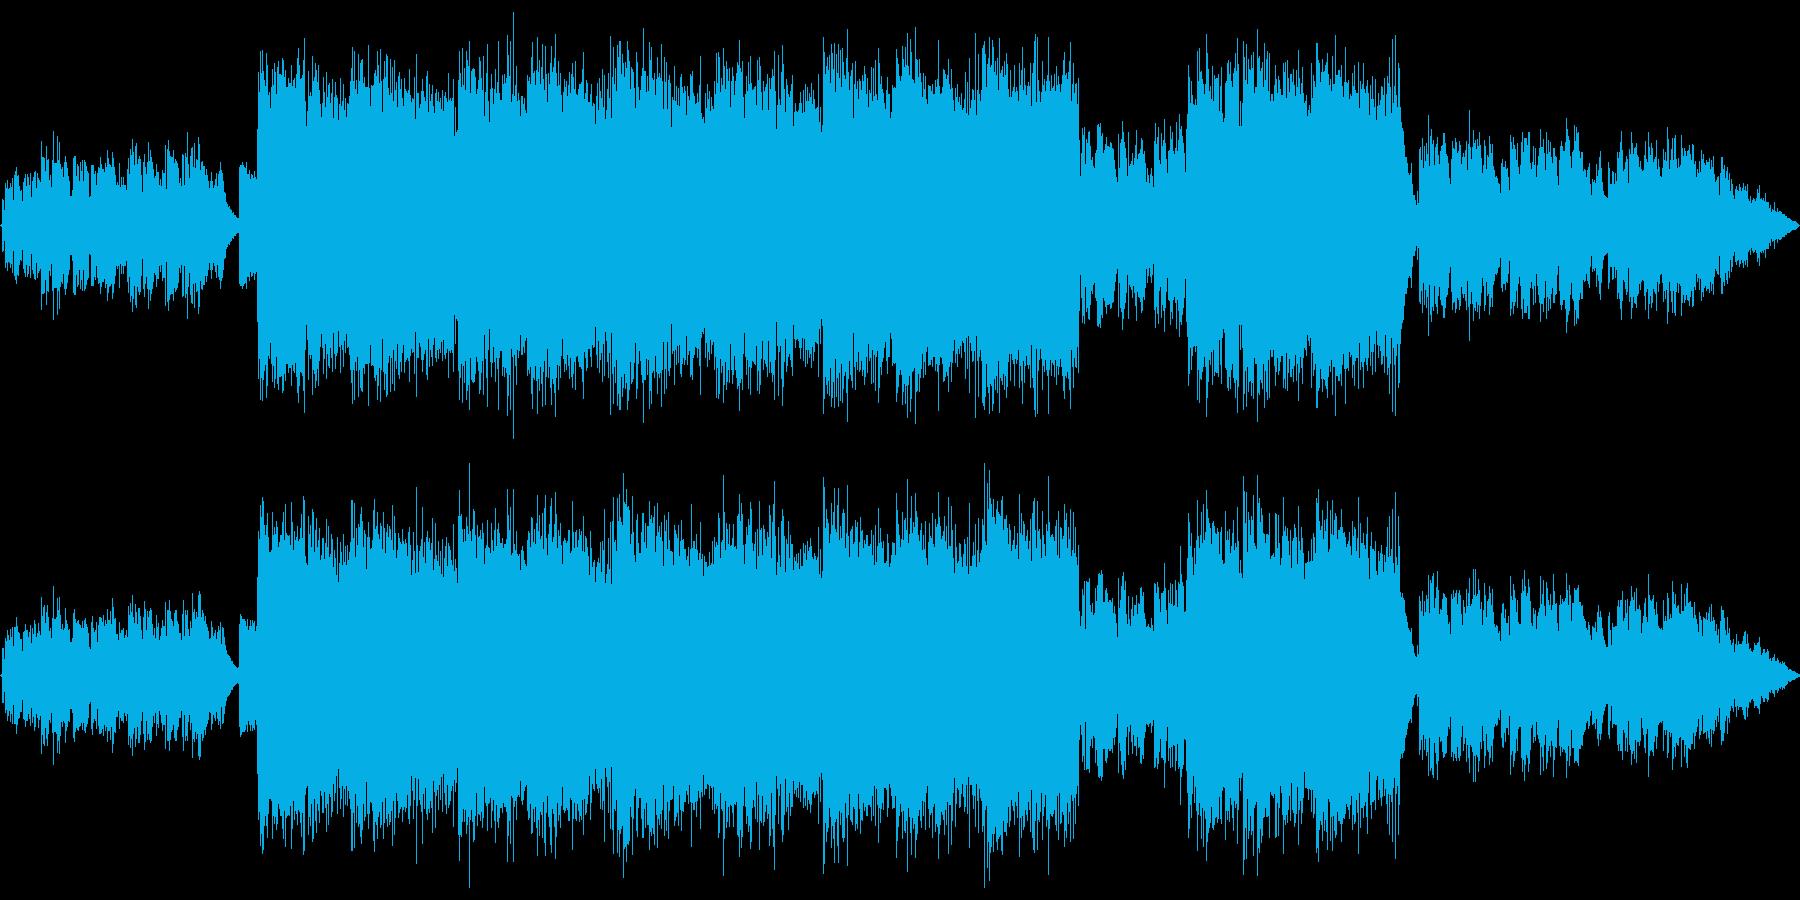 ロック ポップ 男声ボーカル 英詞の再生済みの波形